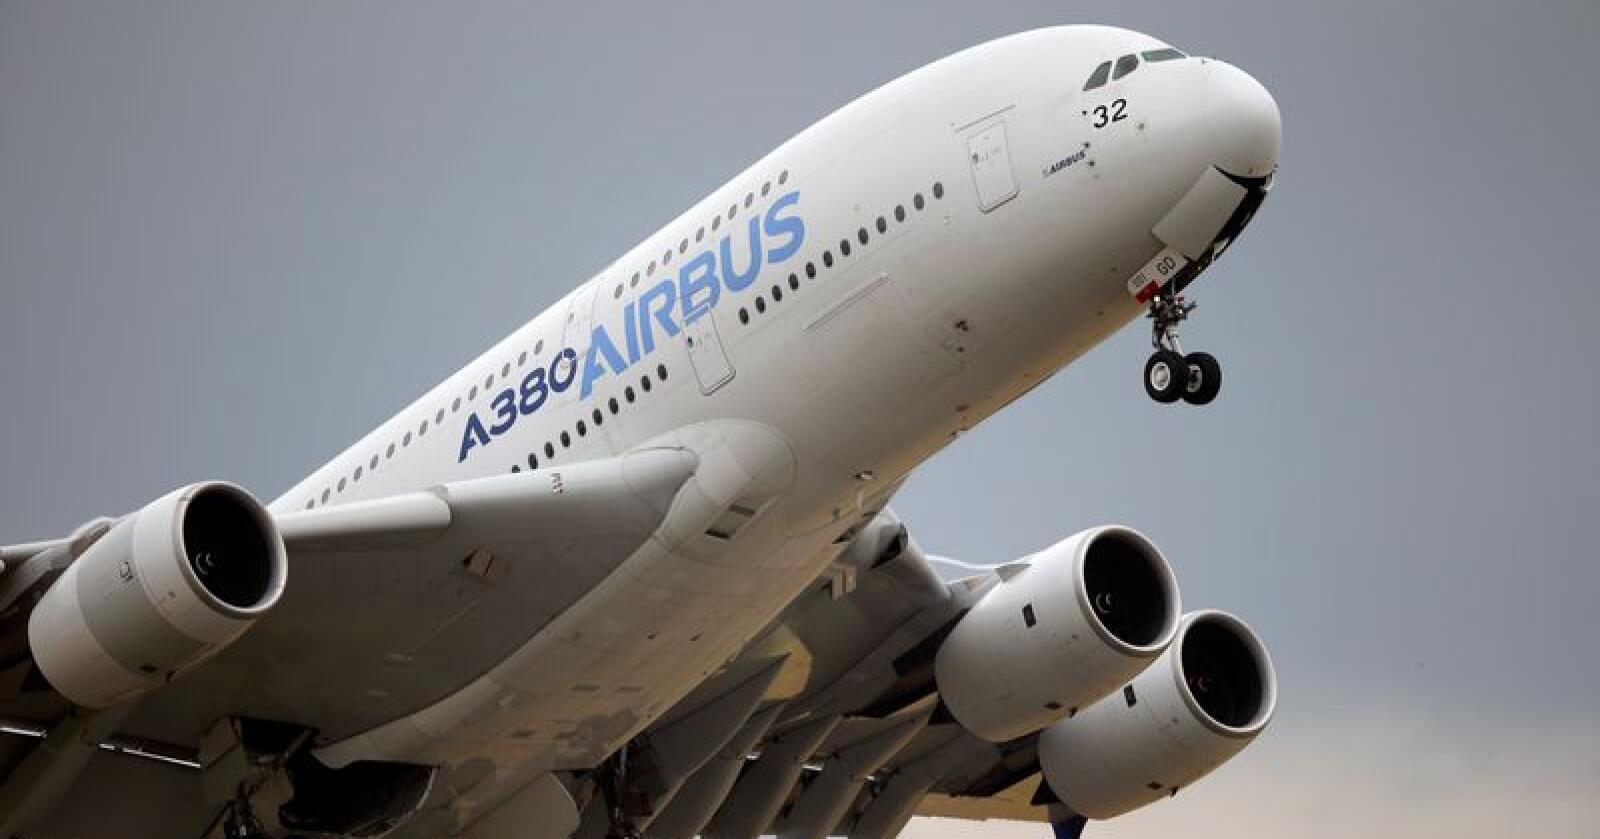 Både EU og USA har gitt ulovlig støtte til sine respektive flyprodusenter, Airbus og Boeing. Nå forbereder europeerne seg på å svare på straffetollen USA har innført på import fra EU. Illustrasjonsfoto: François Mori / AP / NTB scanpix